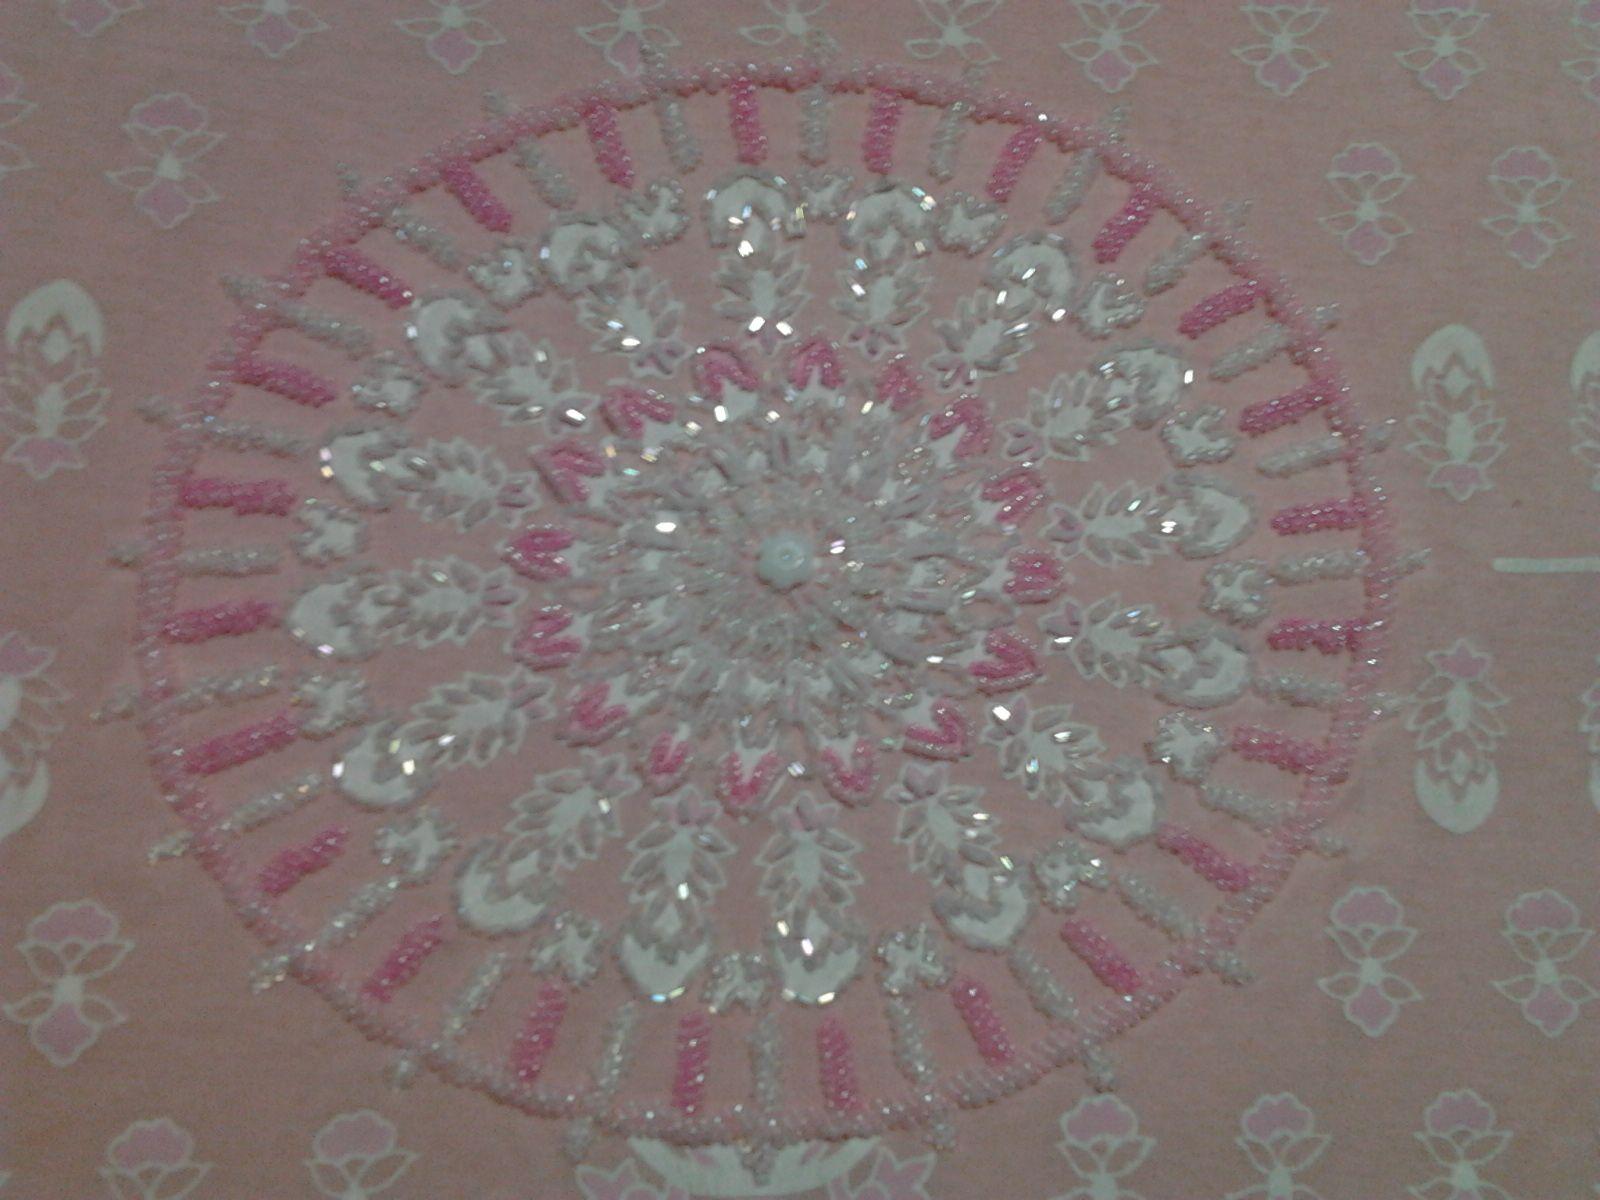 Mandala bordada em miçangas sobre estampado, por Mírian Torres Rubim da Silva.